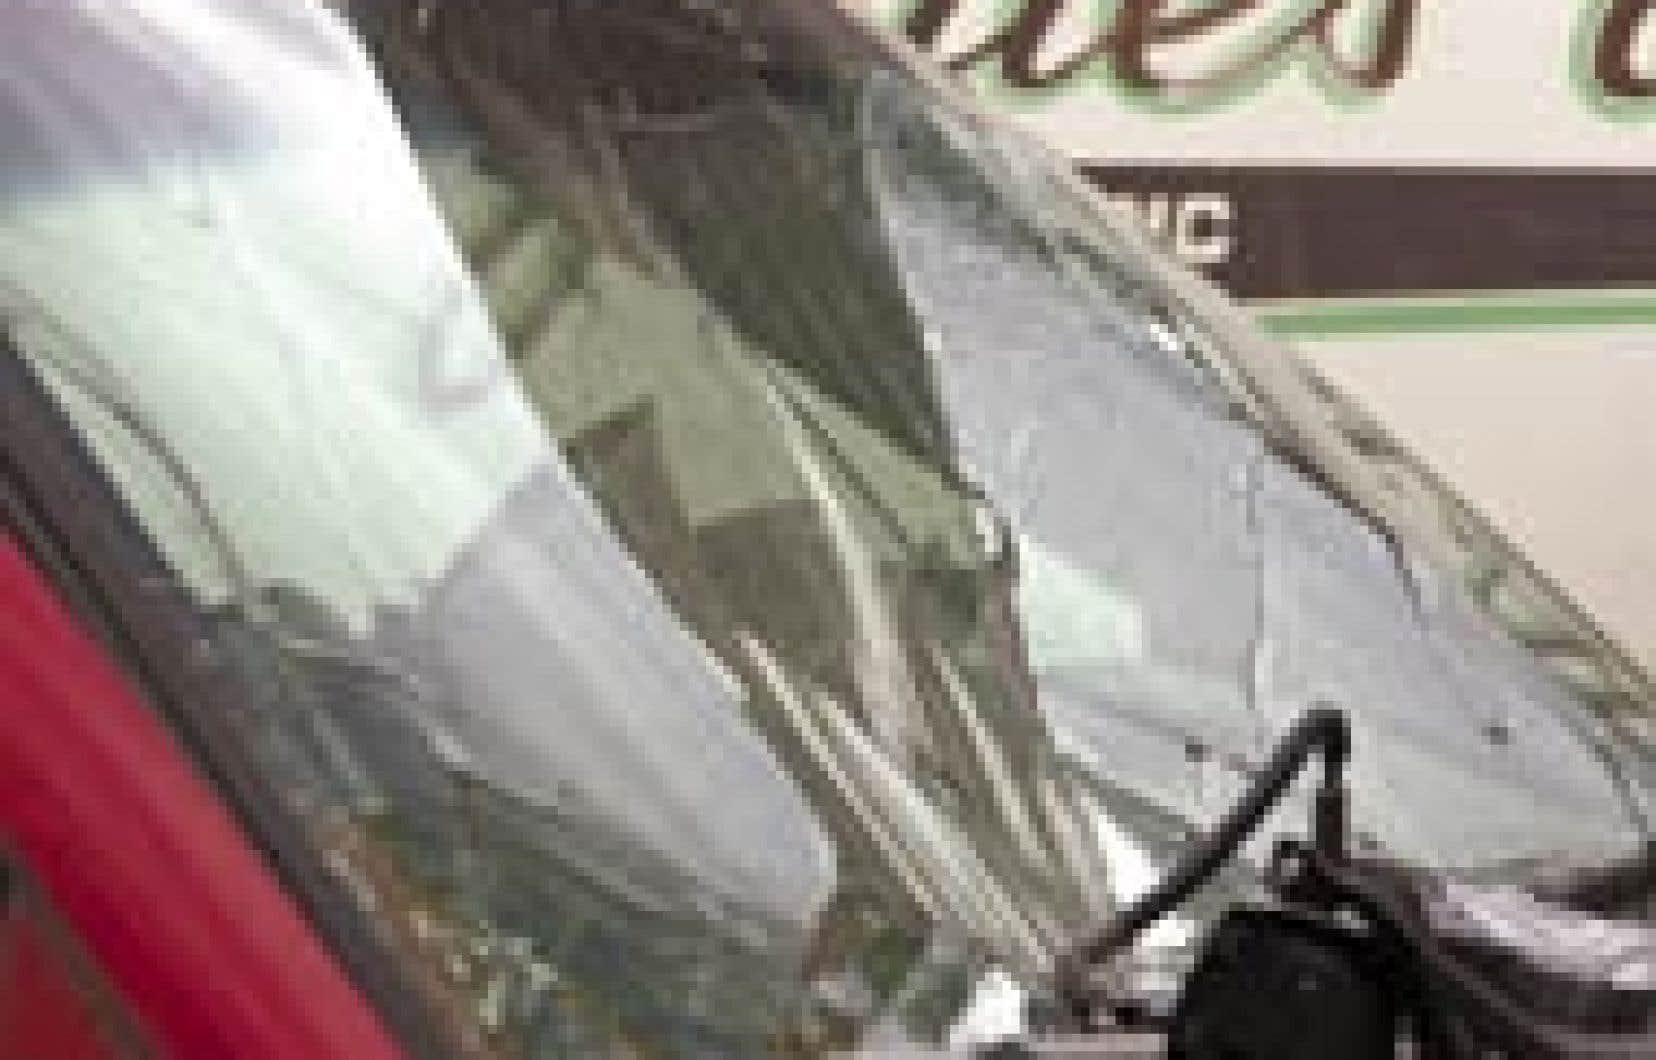 En 2002, les automobilistes québécois ont réclamé 185 648 bris de vitre à leur compagnie d'assurances, soit 31,2 % des demandes concernant les voitures.